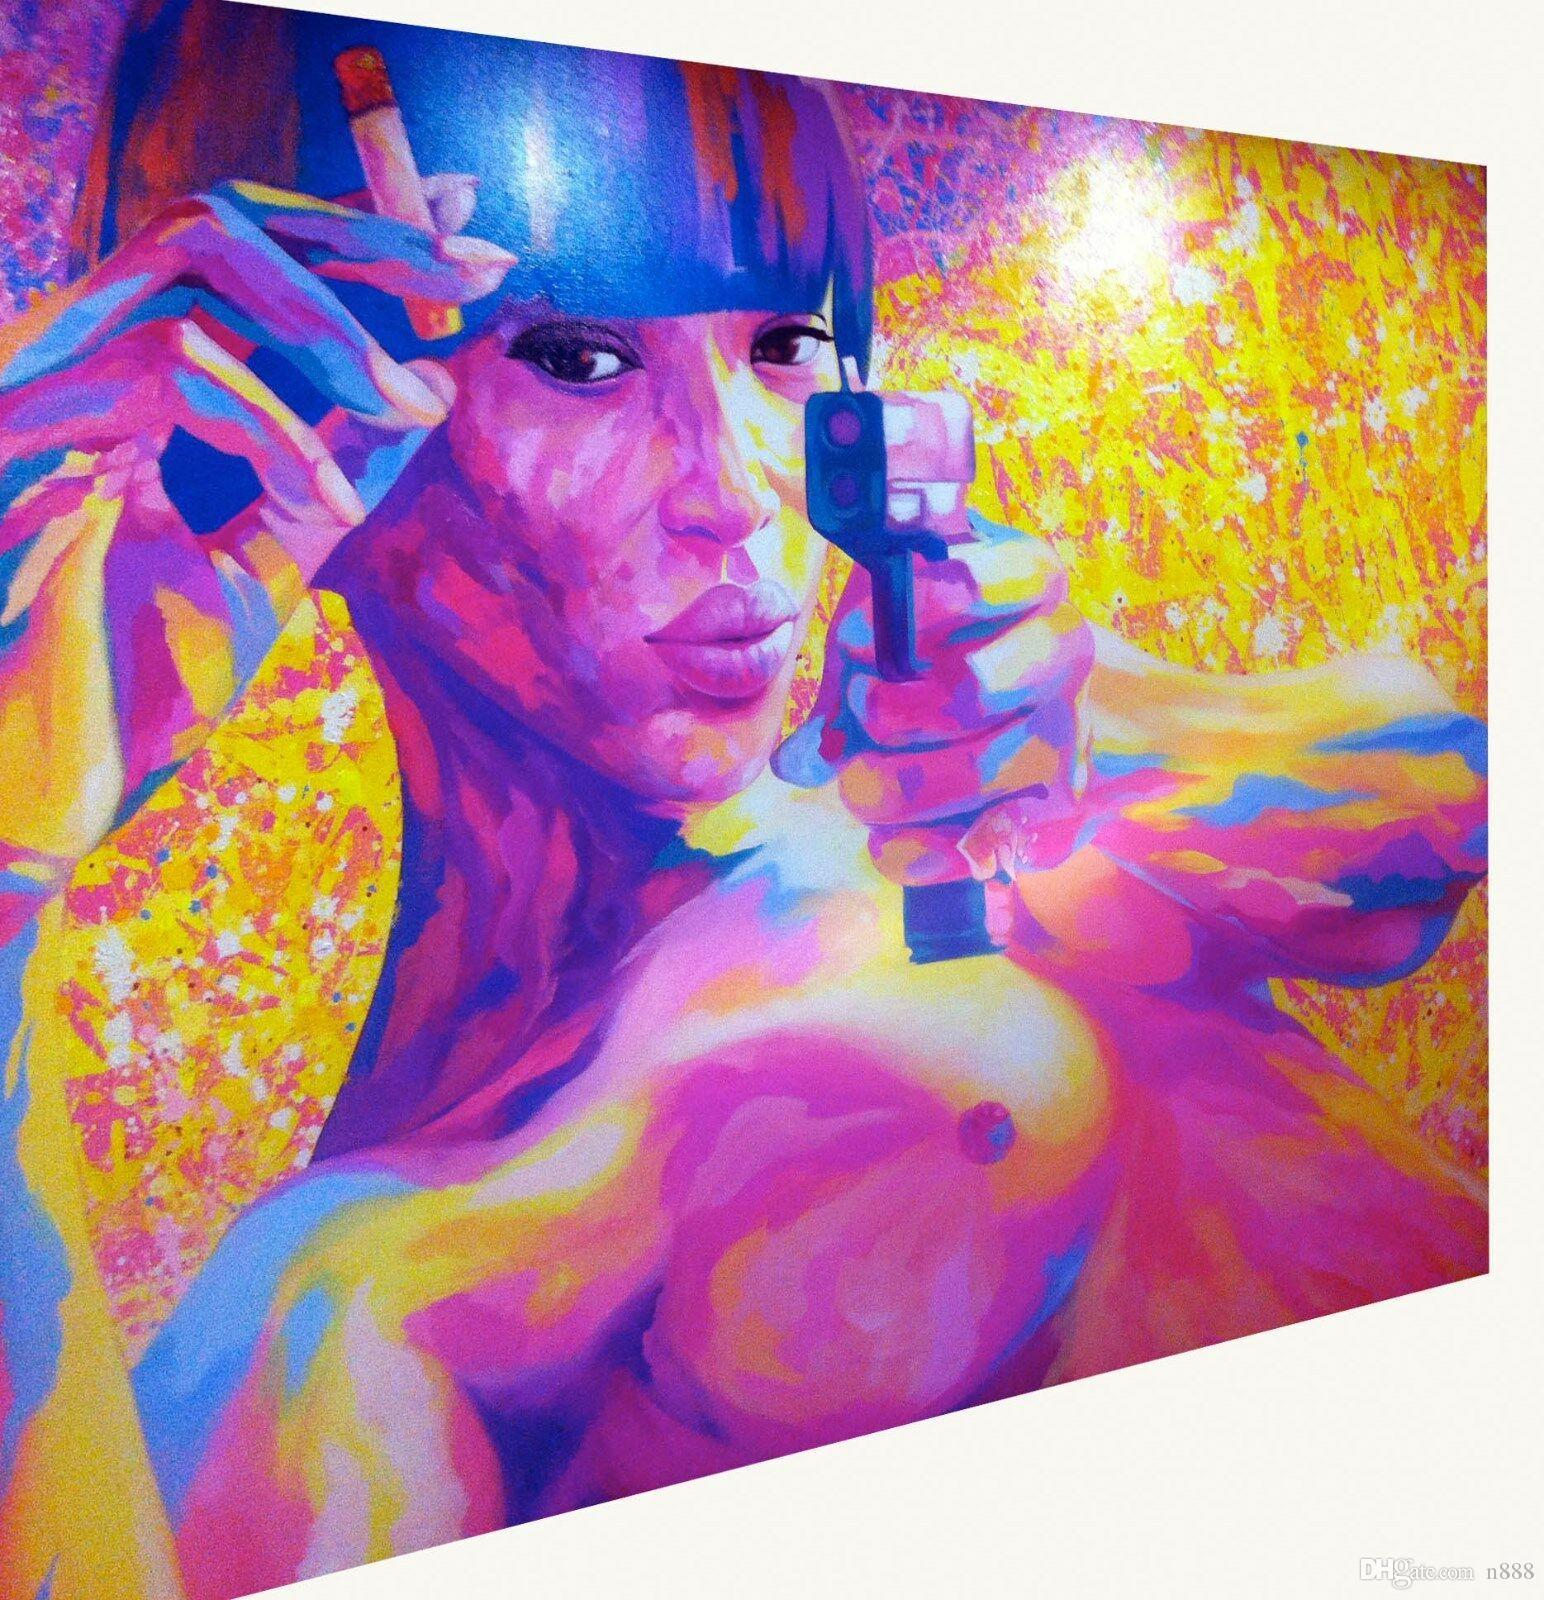 여자 누드 보라색 GUN 거리 예술 큰 벽 홈 인테리어 지에 handpainted HD는 기름에 캔버스 벽 예술 캔버스 그림 200217 회화 계속 인쇄